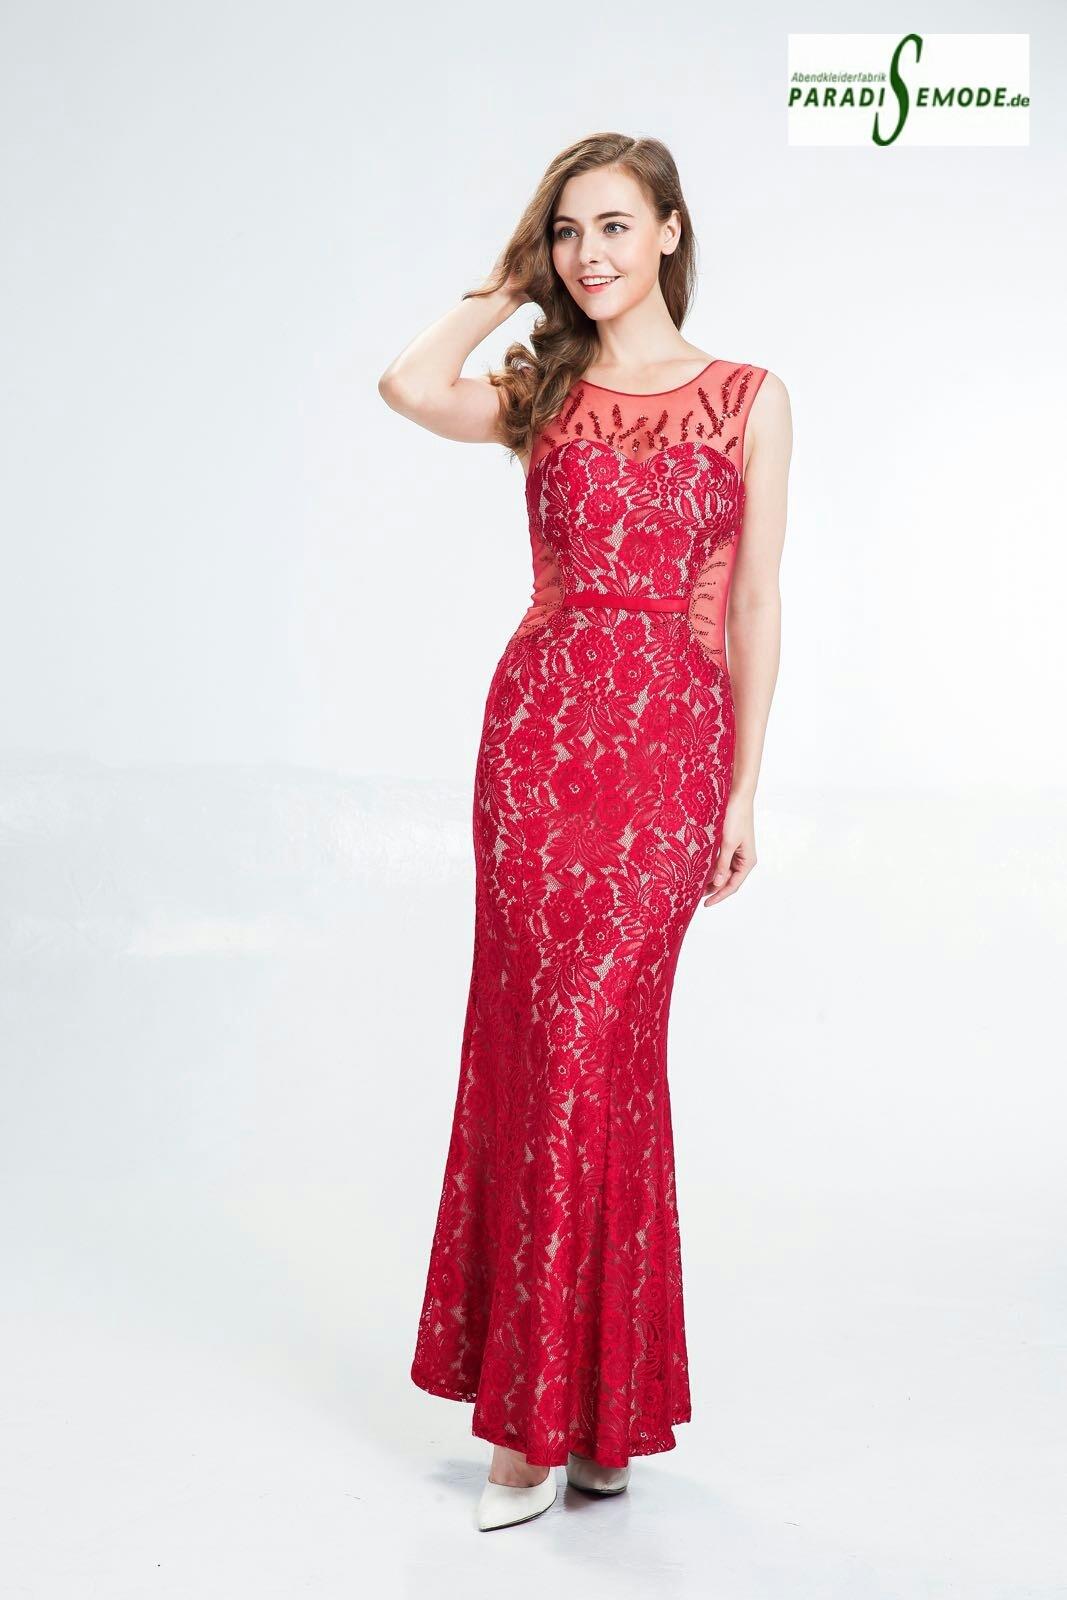 15 Perfekt Abendkleider Mode Galerie13 Fantastisch Abendkleider Mode Design